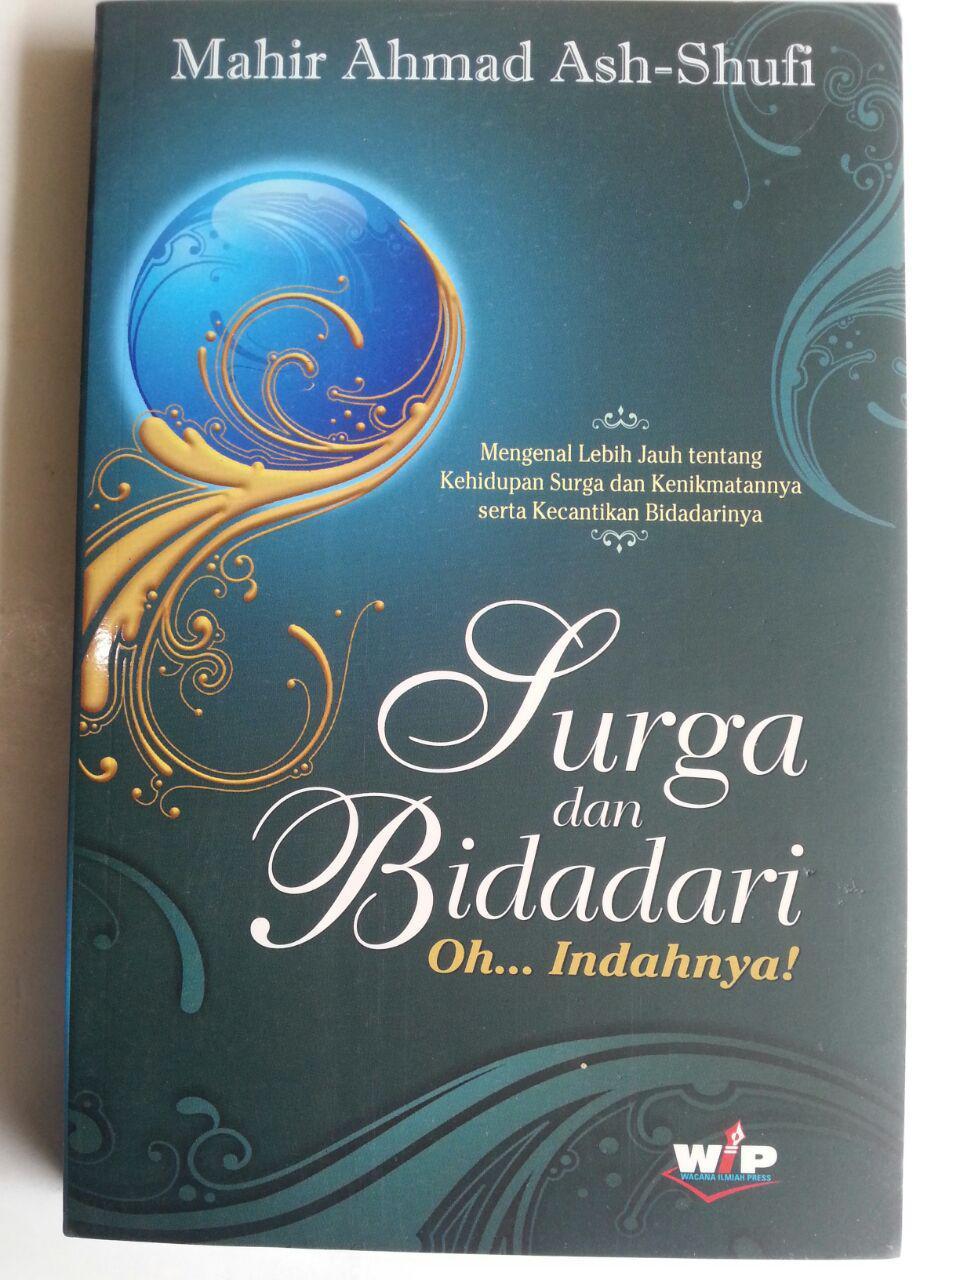 Buku Surga Dan Bidadari Oh... Indahnya cover 2